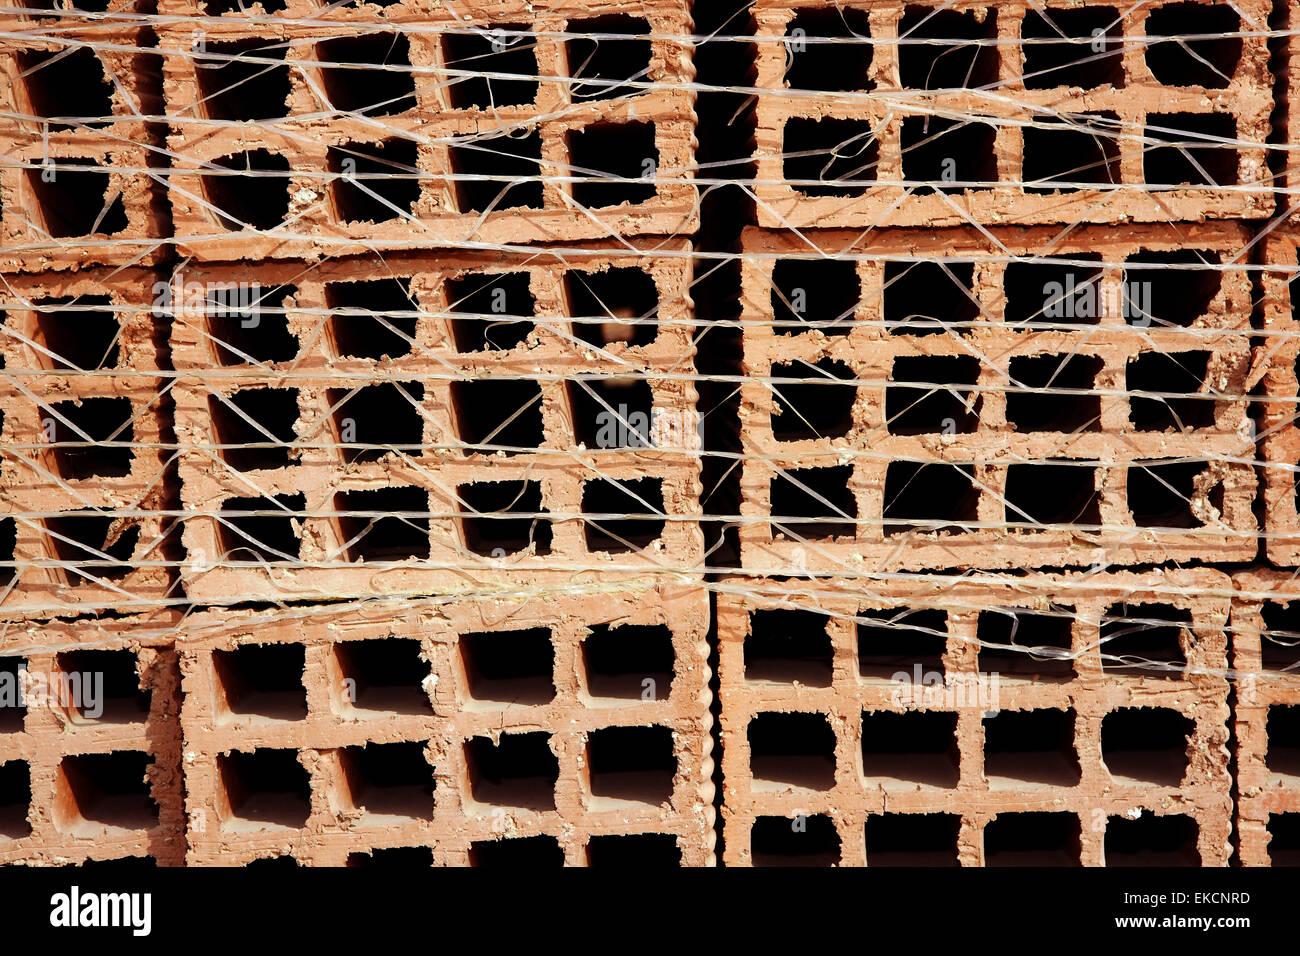 Dachziegel schwarz textur  rote Dachziegel Lager Schnittkonstruktion Textur Stockfoto, Bild ...